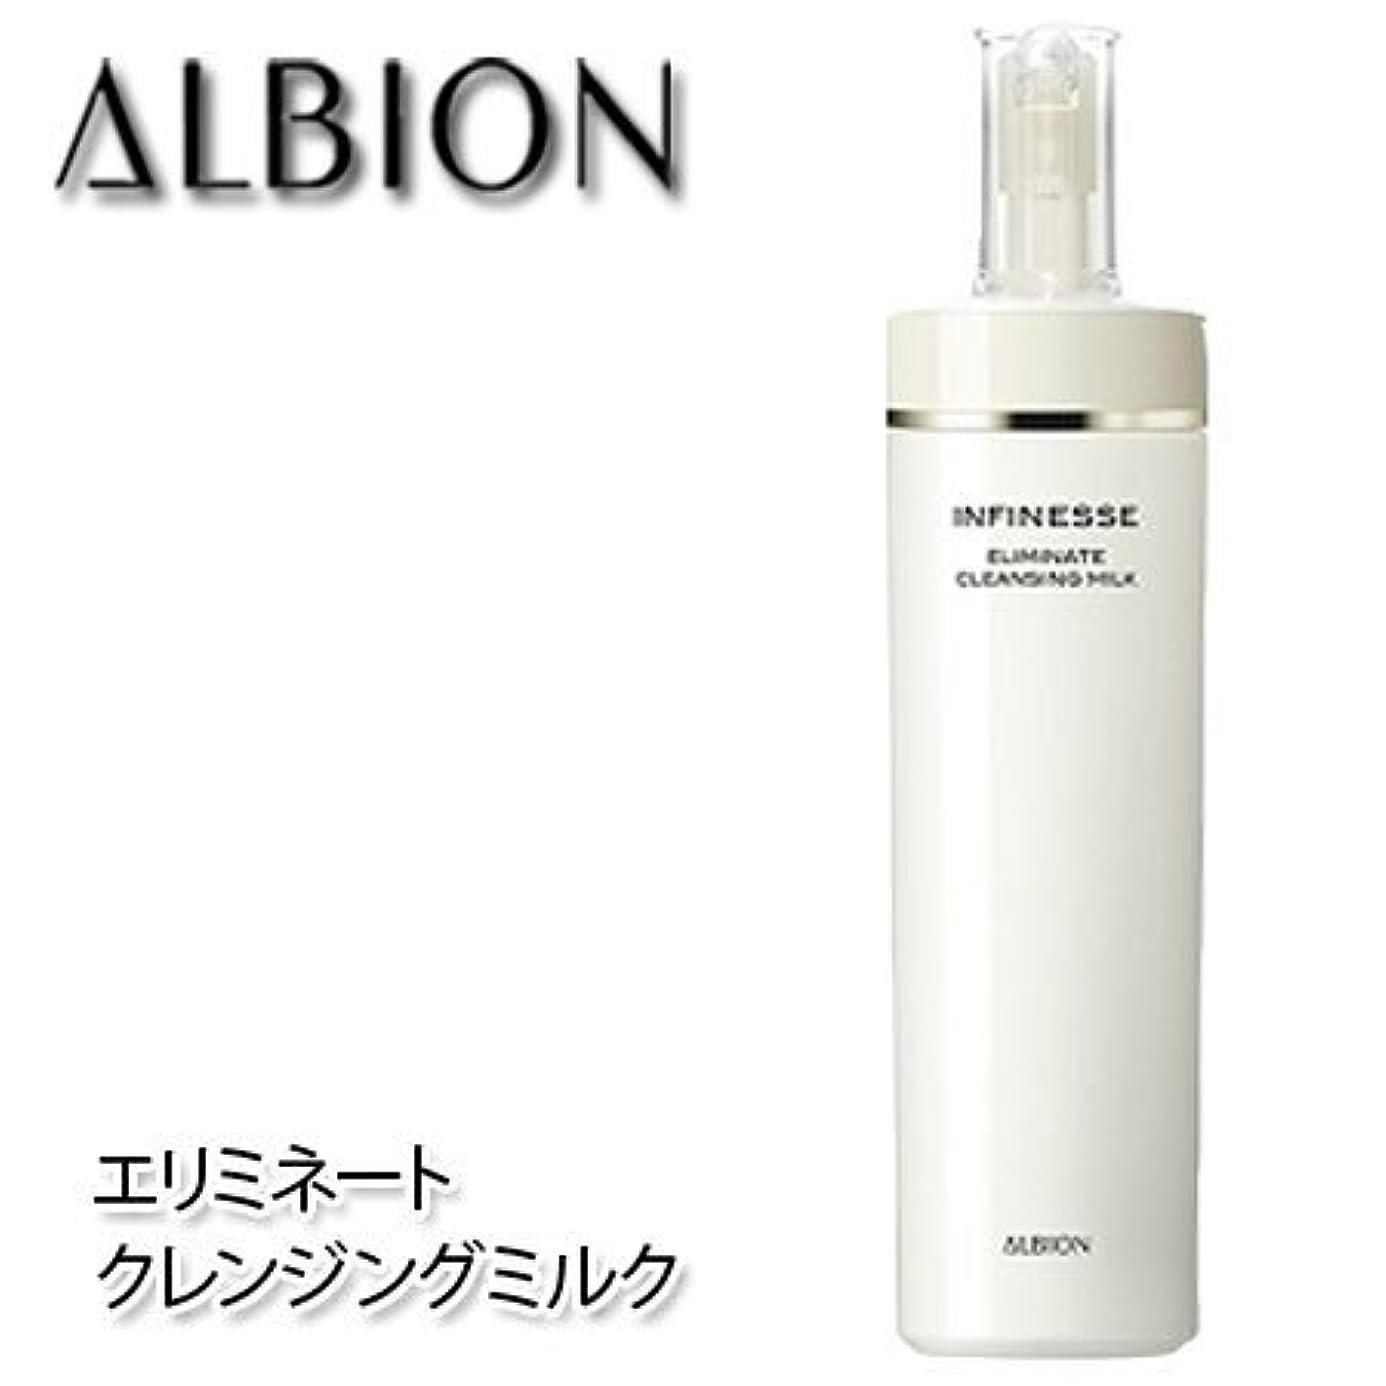 プレートアンカーアレルギーアルビオン アンフィネス エリミネート クレンジングミルク 200g-ALBION-